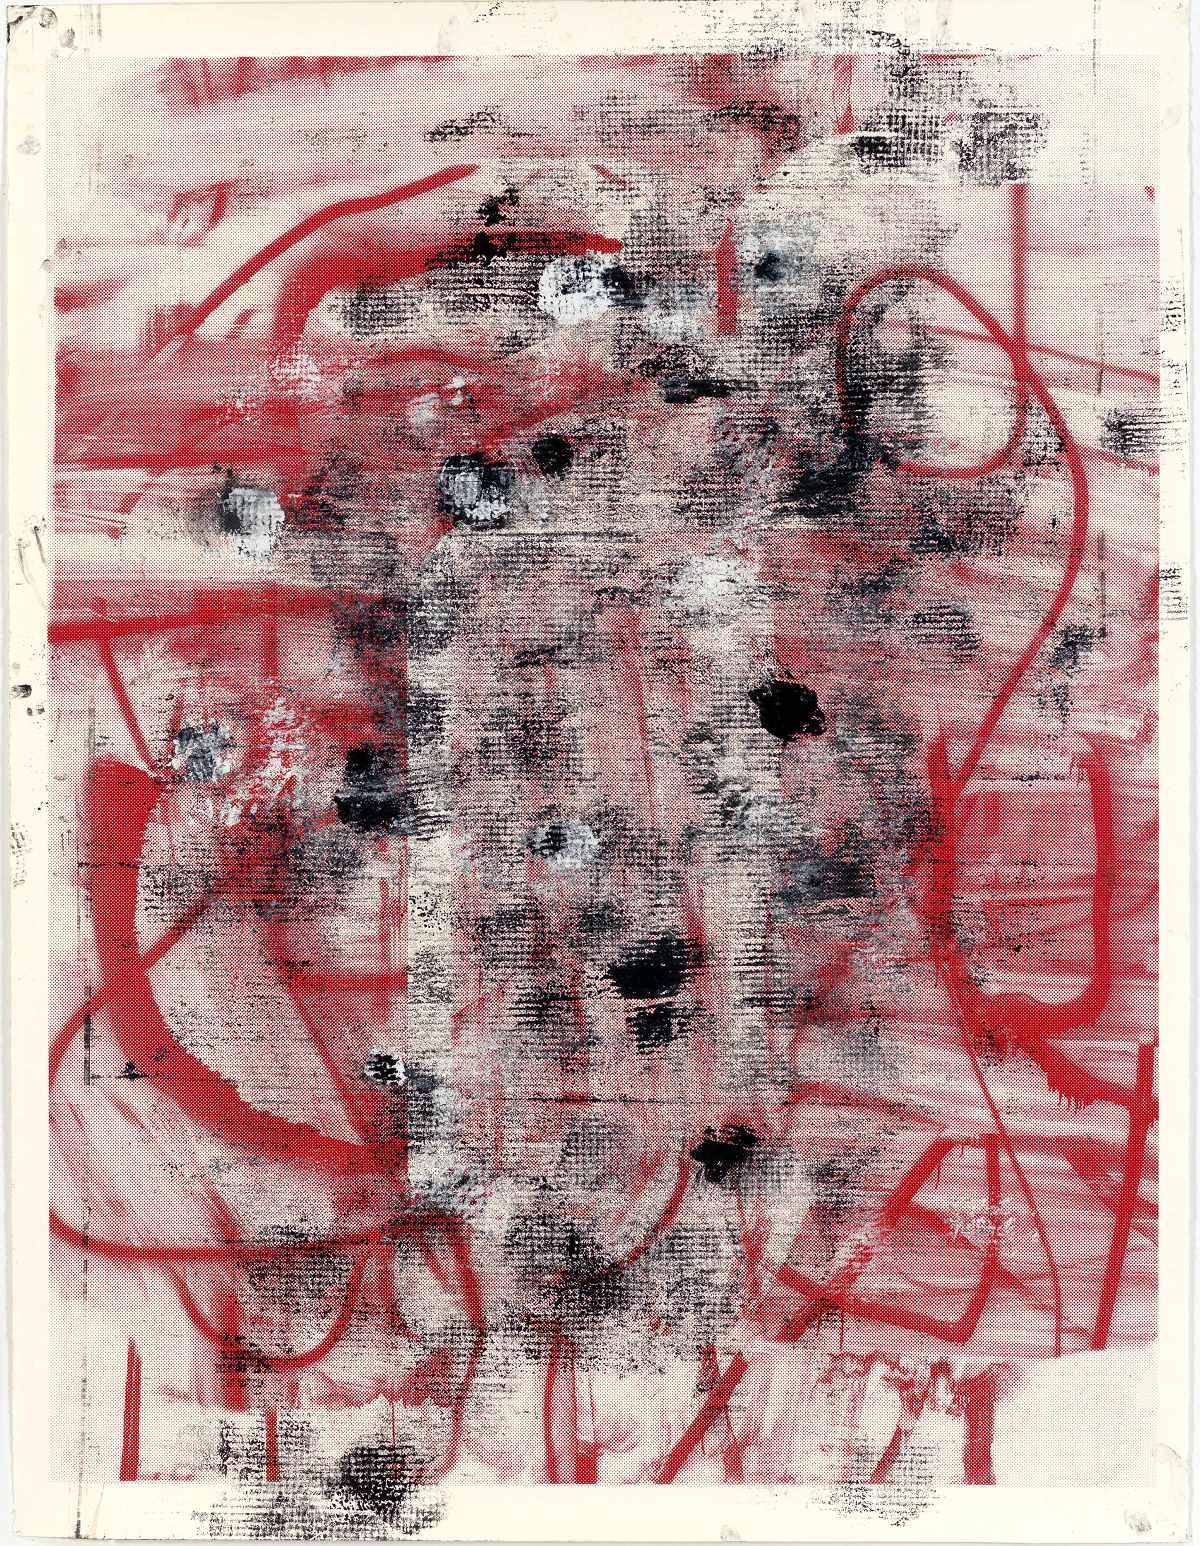 Sans titre, encre pour sérigraphie et peinture@à l'émail sur papier (182.88 x 140.34 cm)